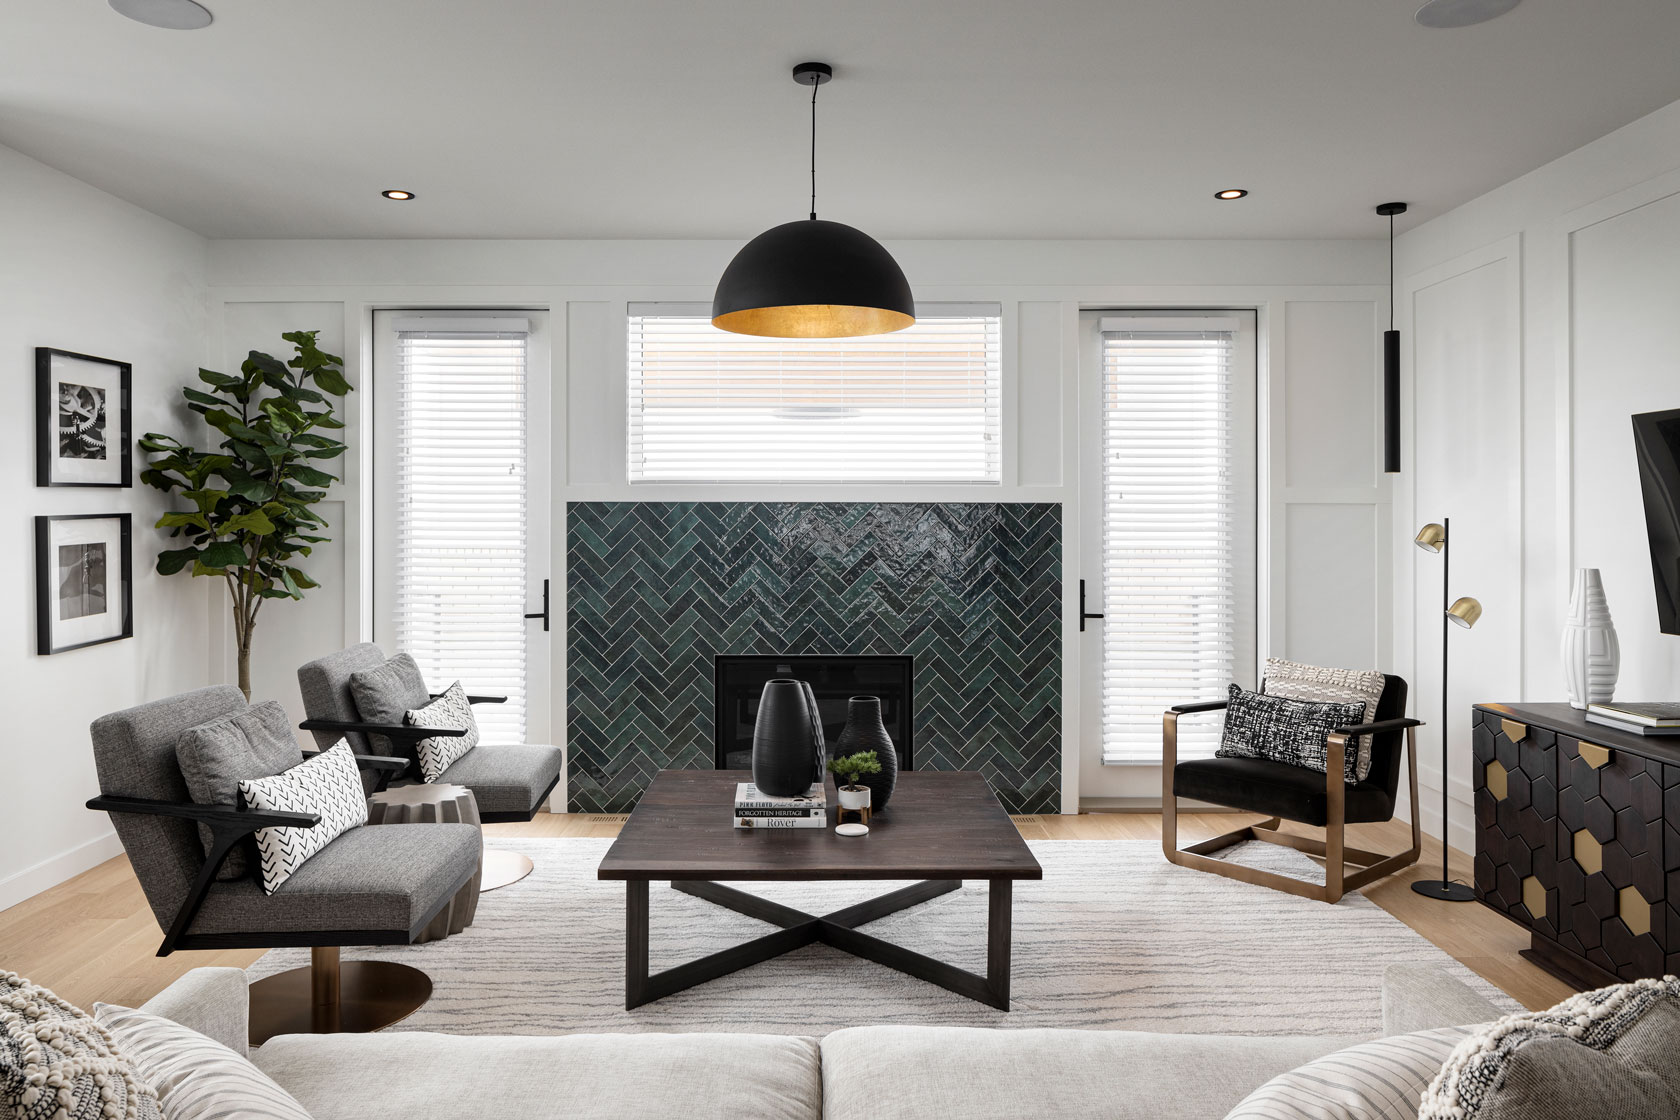 TRUMAN Homes - TImberline Estates Southwest Calgary Show Home